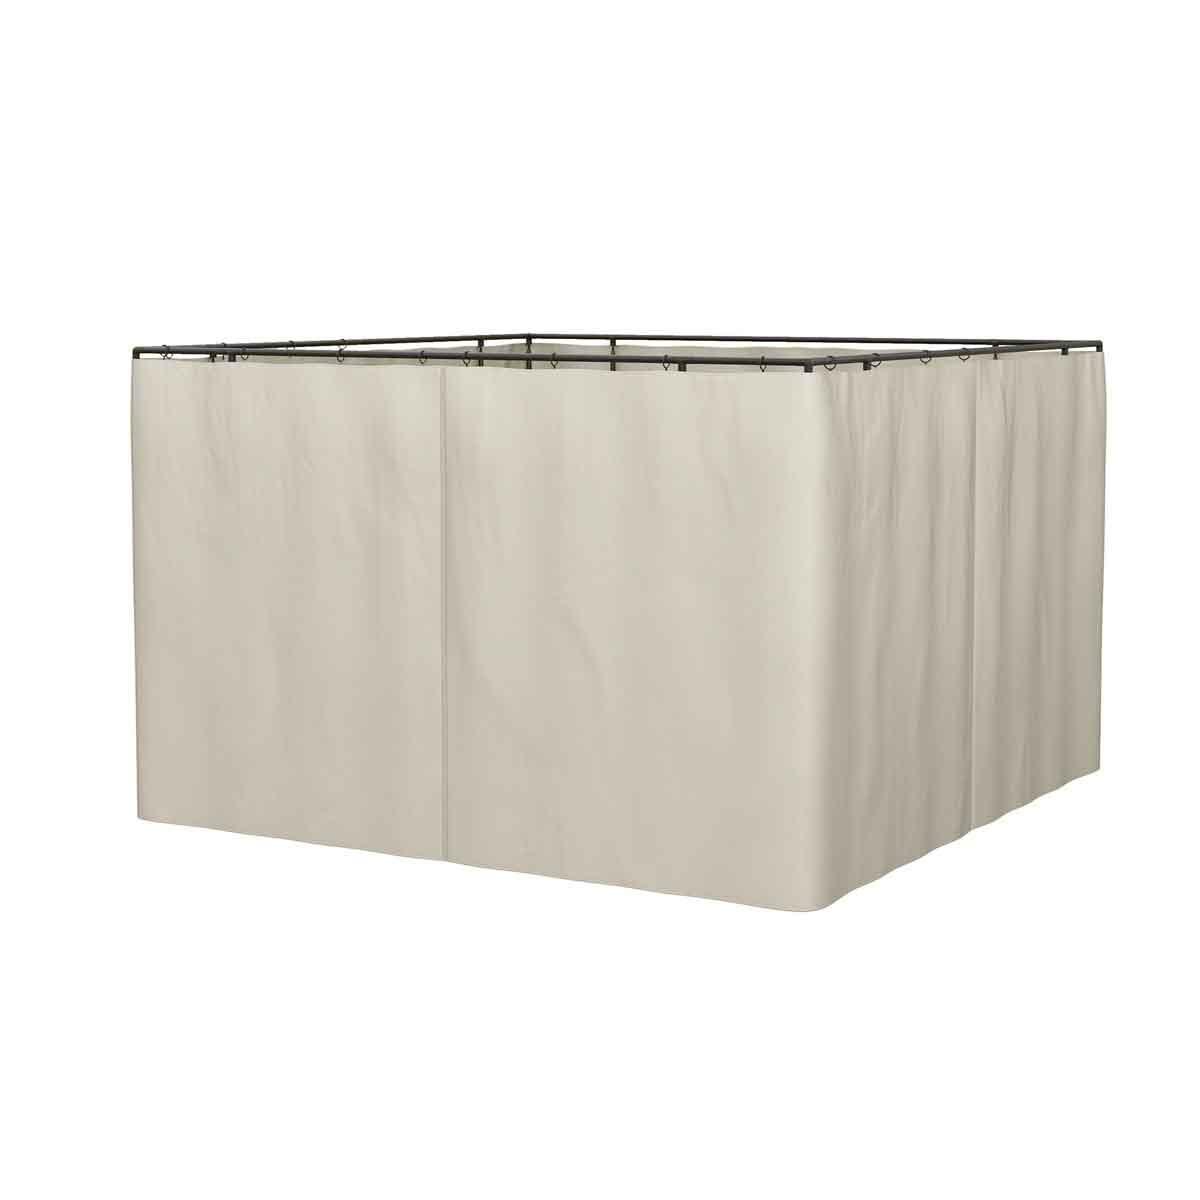 Outsunny Gazebo 3x3m Replacement Sidewall Set - 4 Pcs